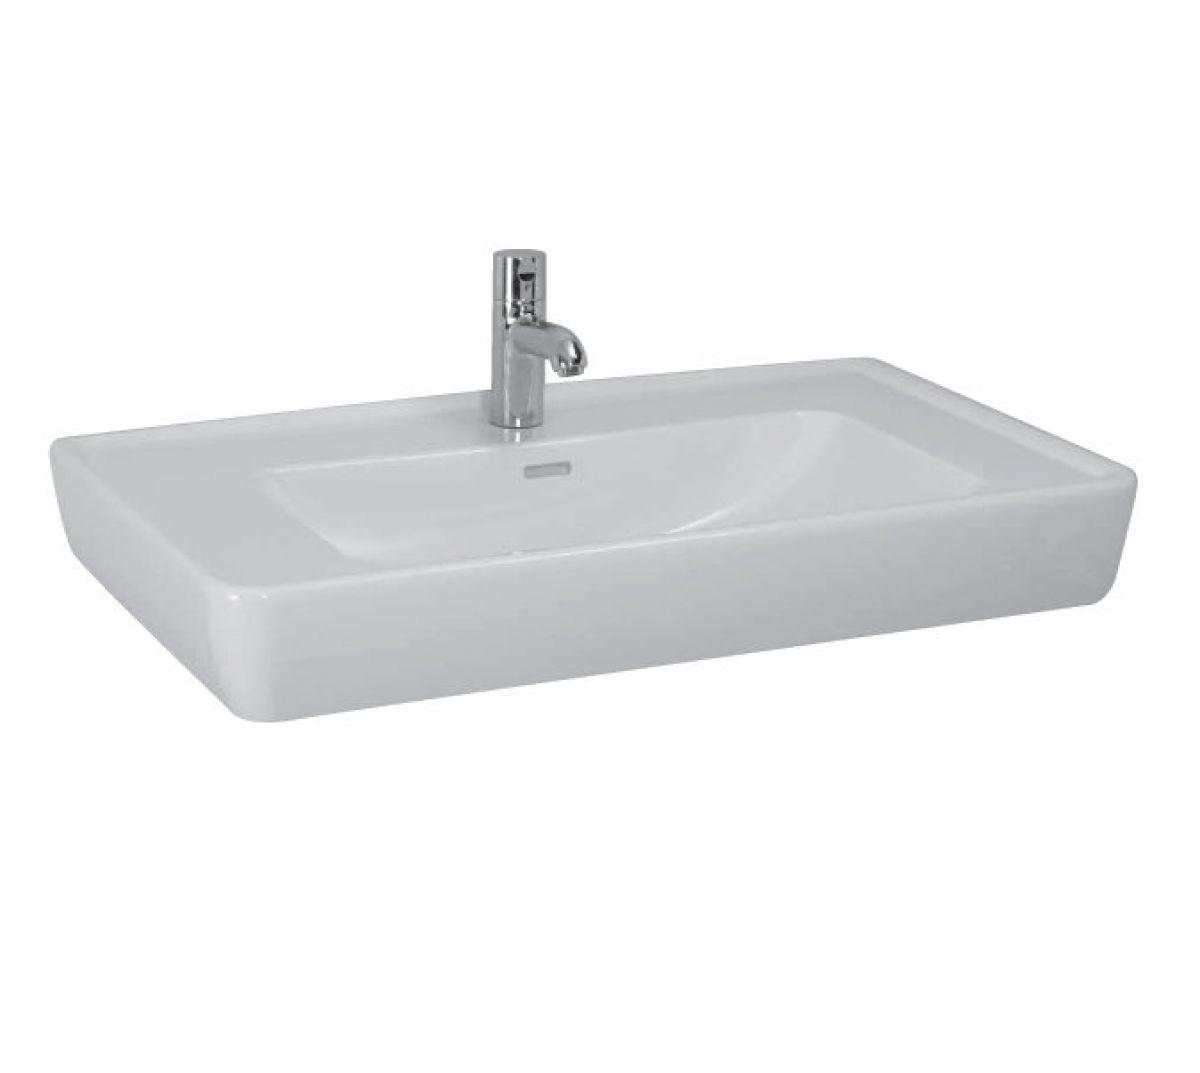 laufen pro a basin half pedestal uk bathrooms. Black Bedroom Furniture Sets. Home Design Ideas